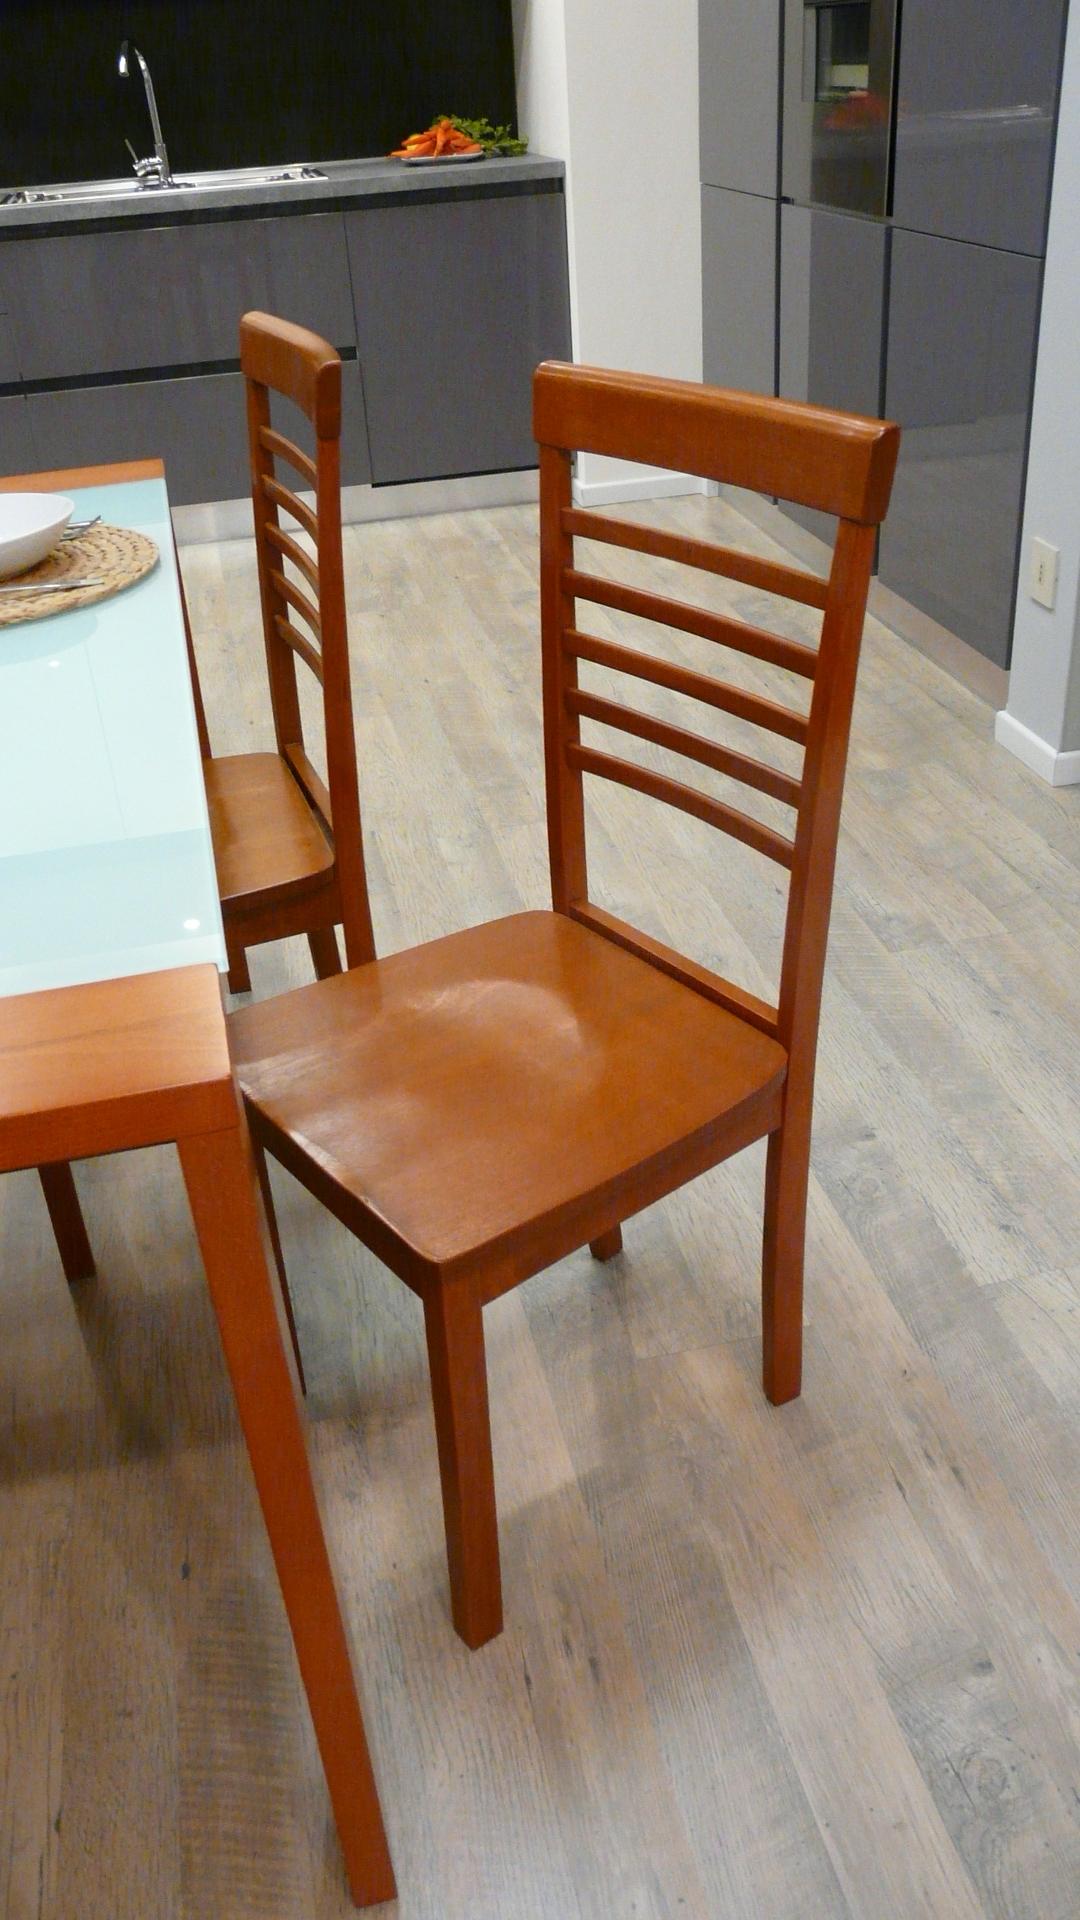 Montaggio mobili mondo convenienza fabulous tavolo in for Tavolo mondo convenienza wood